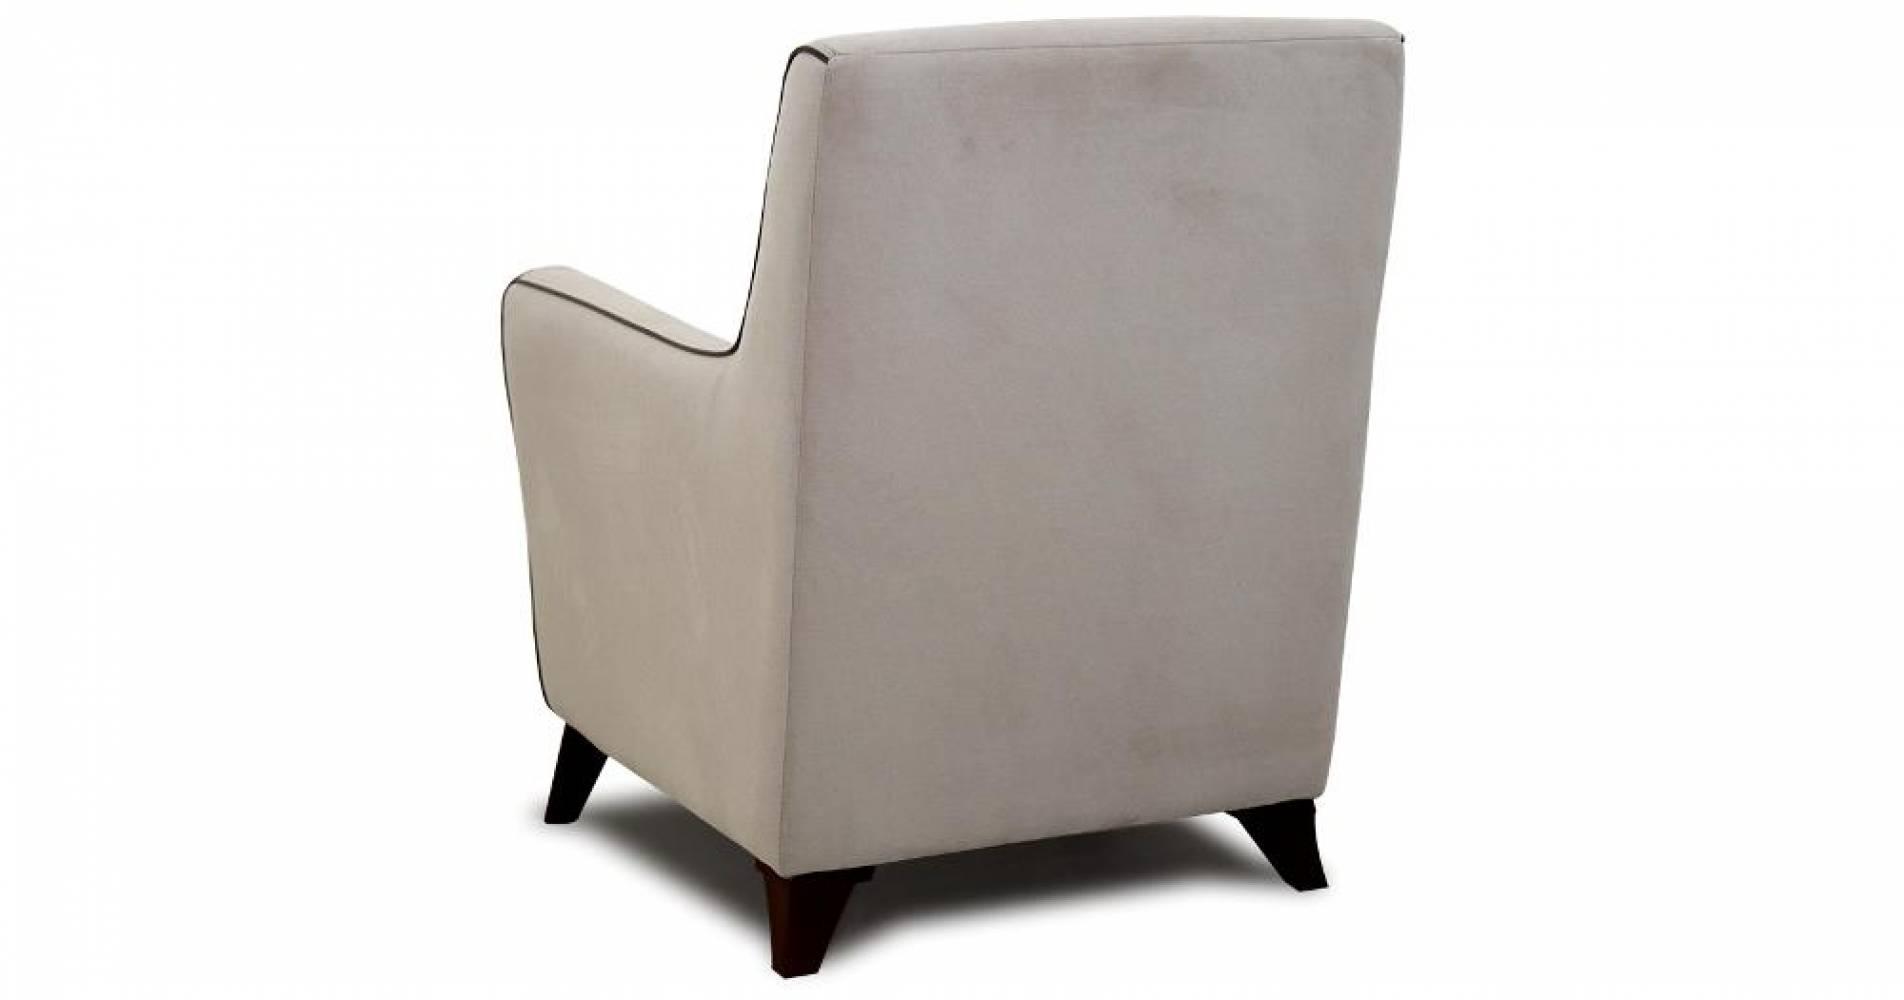 Кресло для отдыха ФРЕНСИС Арт. ТК 262 Нижегородмебель